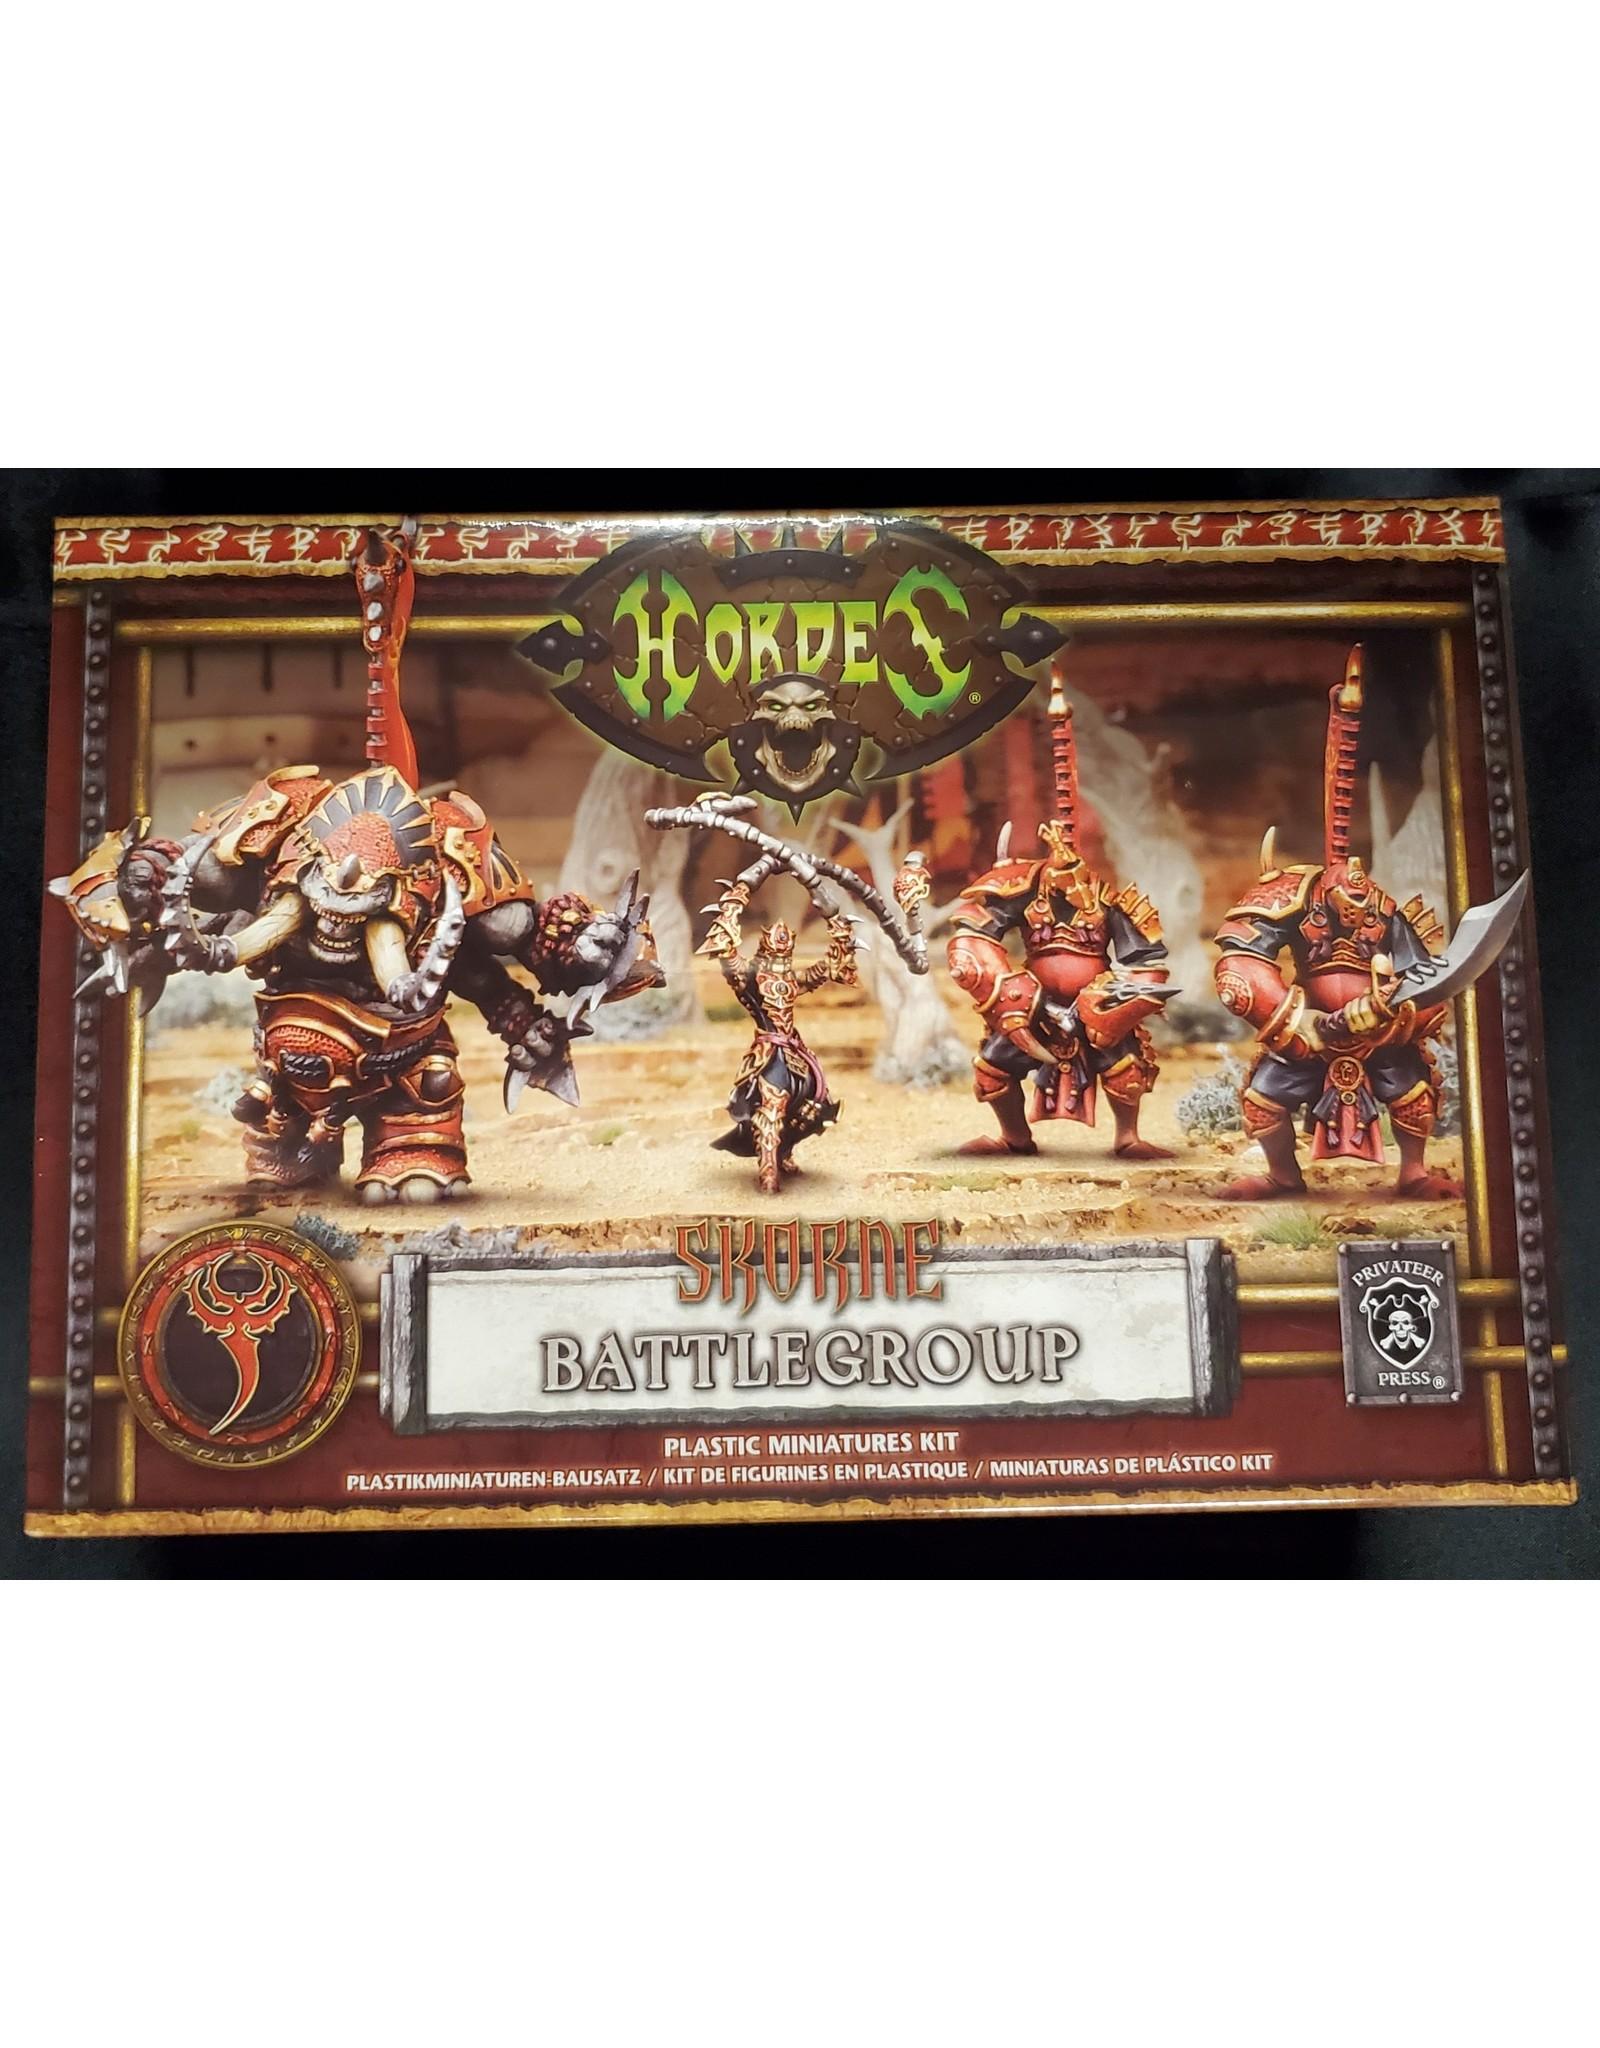 Ding & Dent Hordes: Skorne Battlegroup (Ding & Dent)